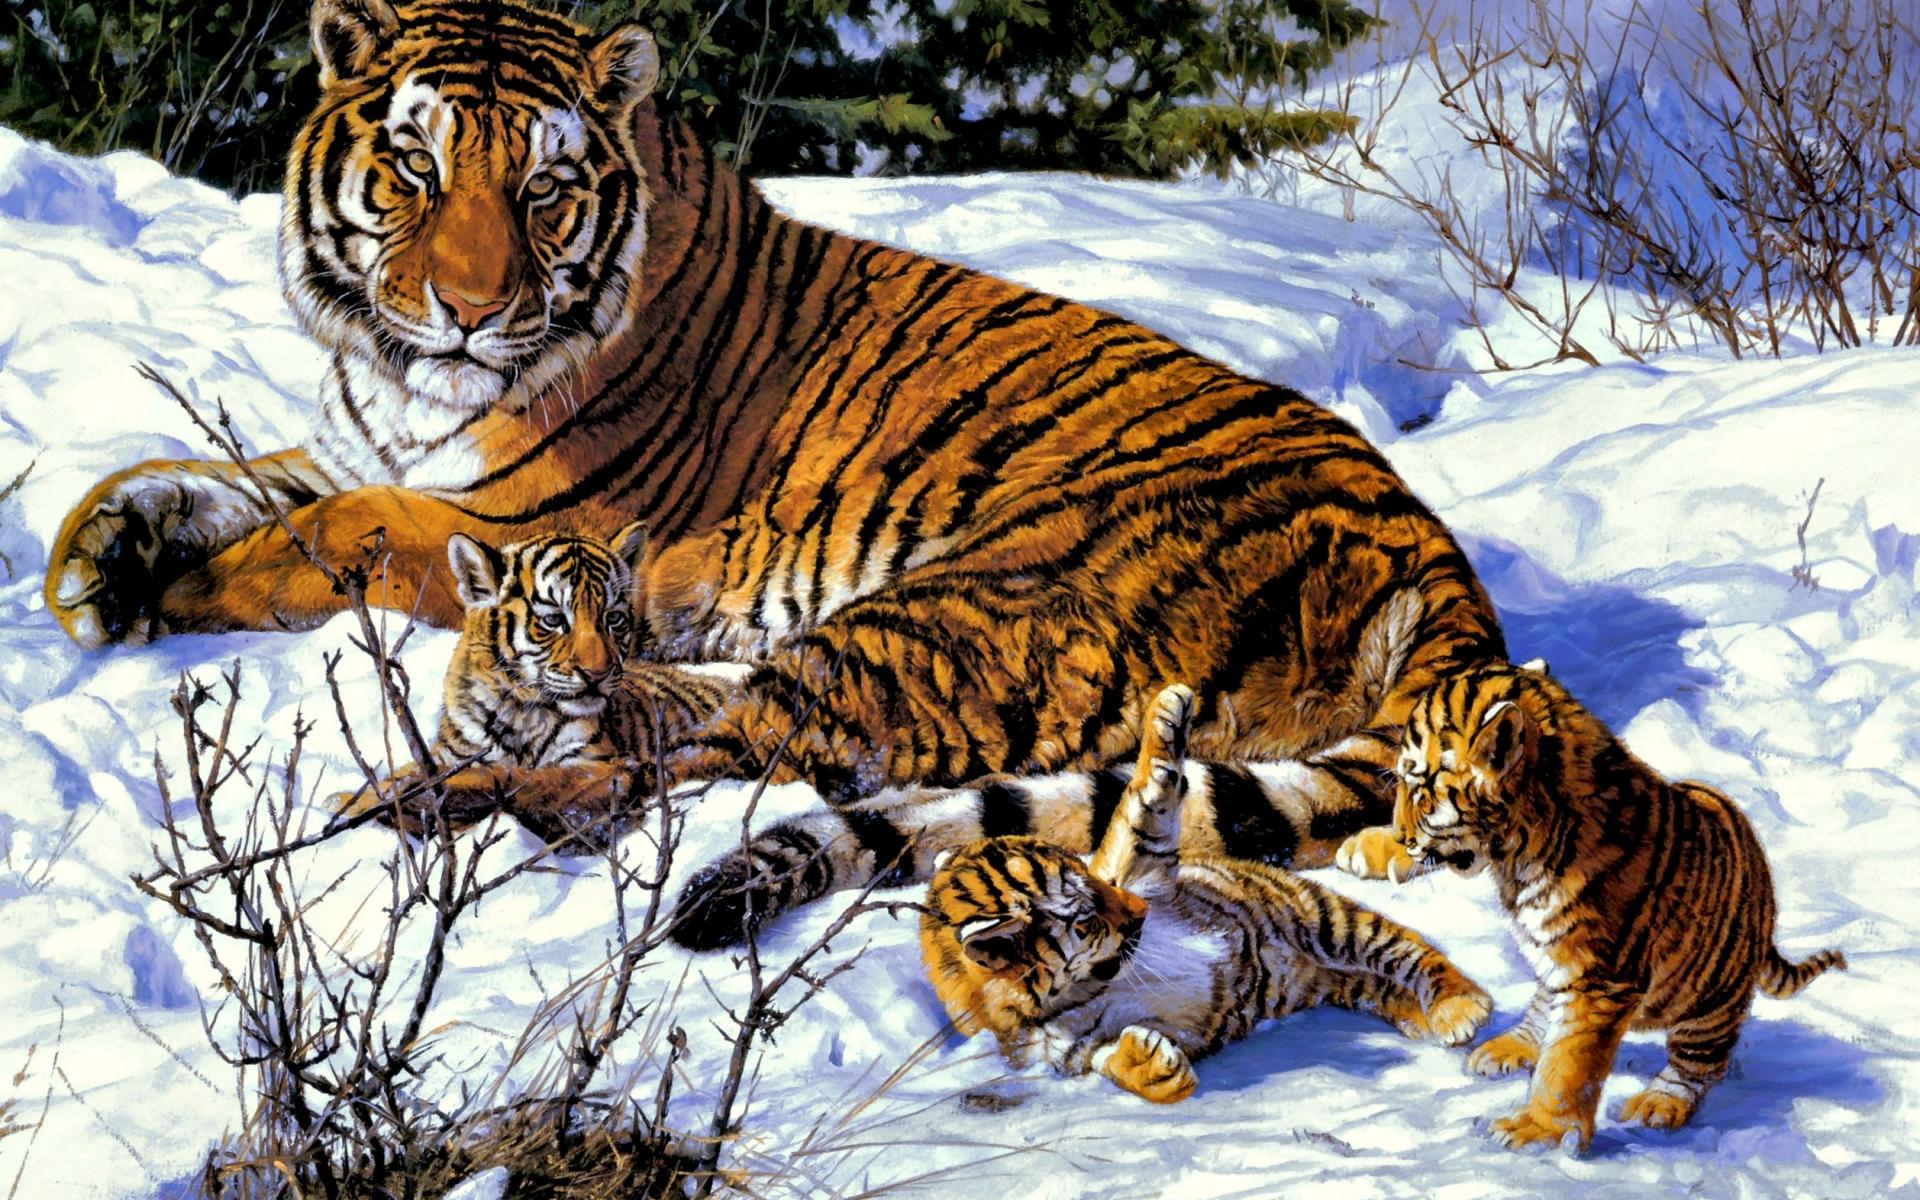 37392 Hintergrundbild herunterladen Tiere, Tigers, Bilder - Bildschirmschoner und Bilder kostenlos